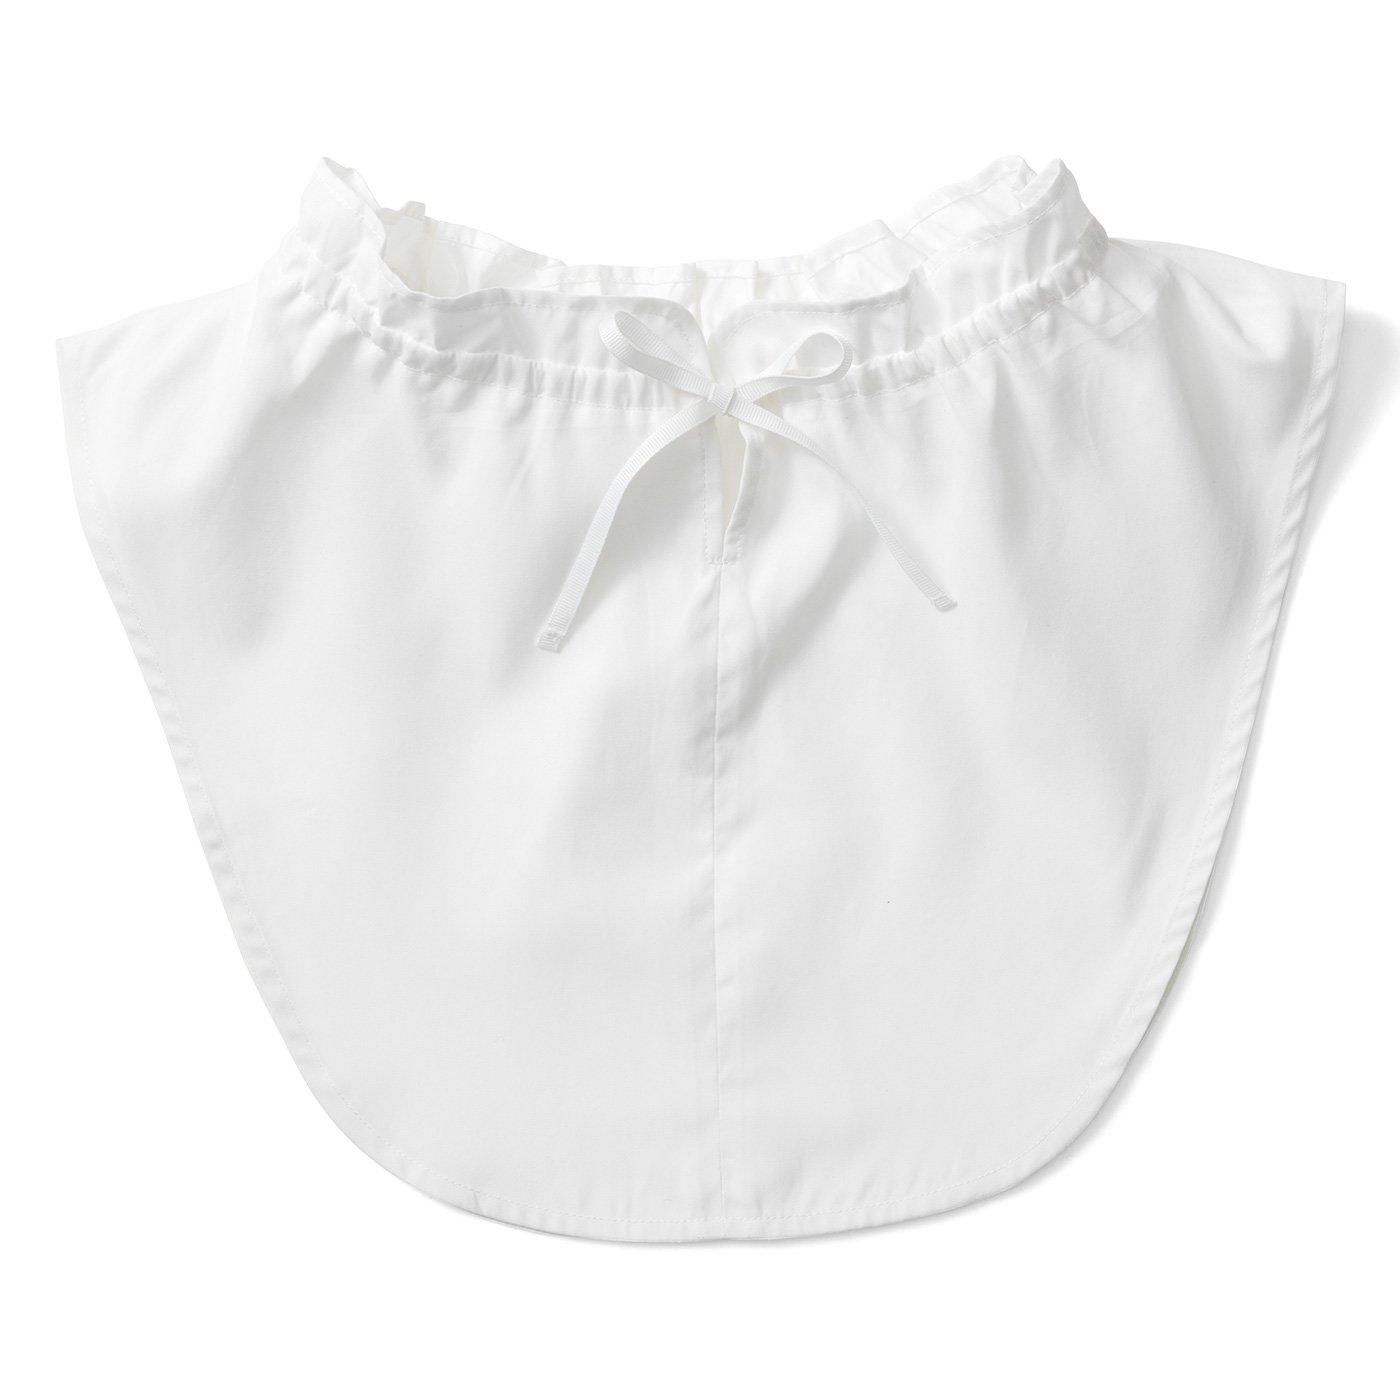 UP.de 服に合わせて調節できる ゆるくもきれいめもOKの2‐WAYストレッチ付け衿の会